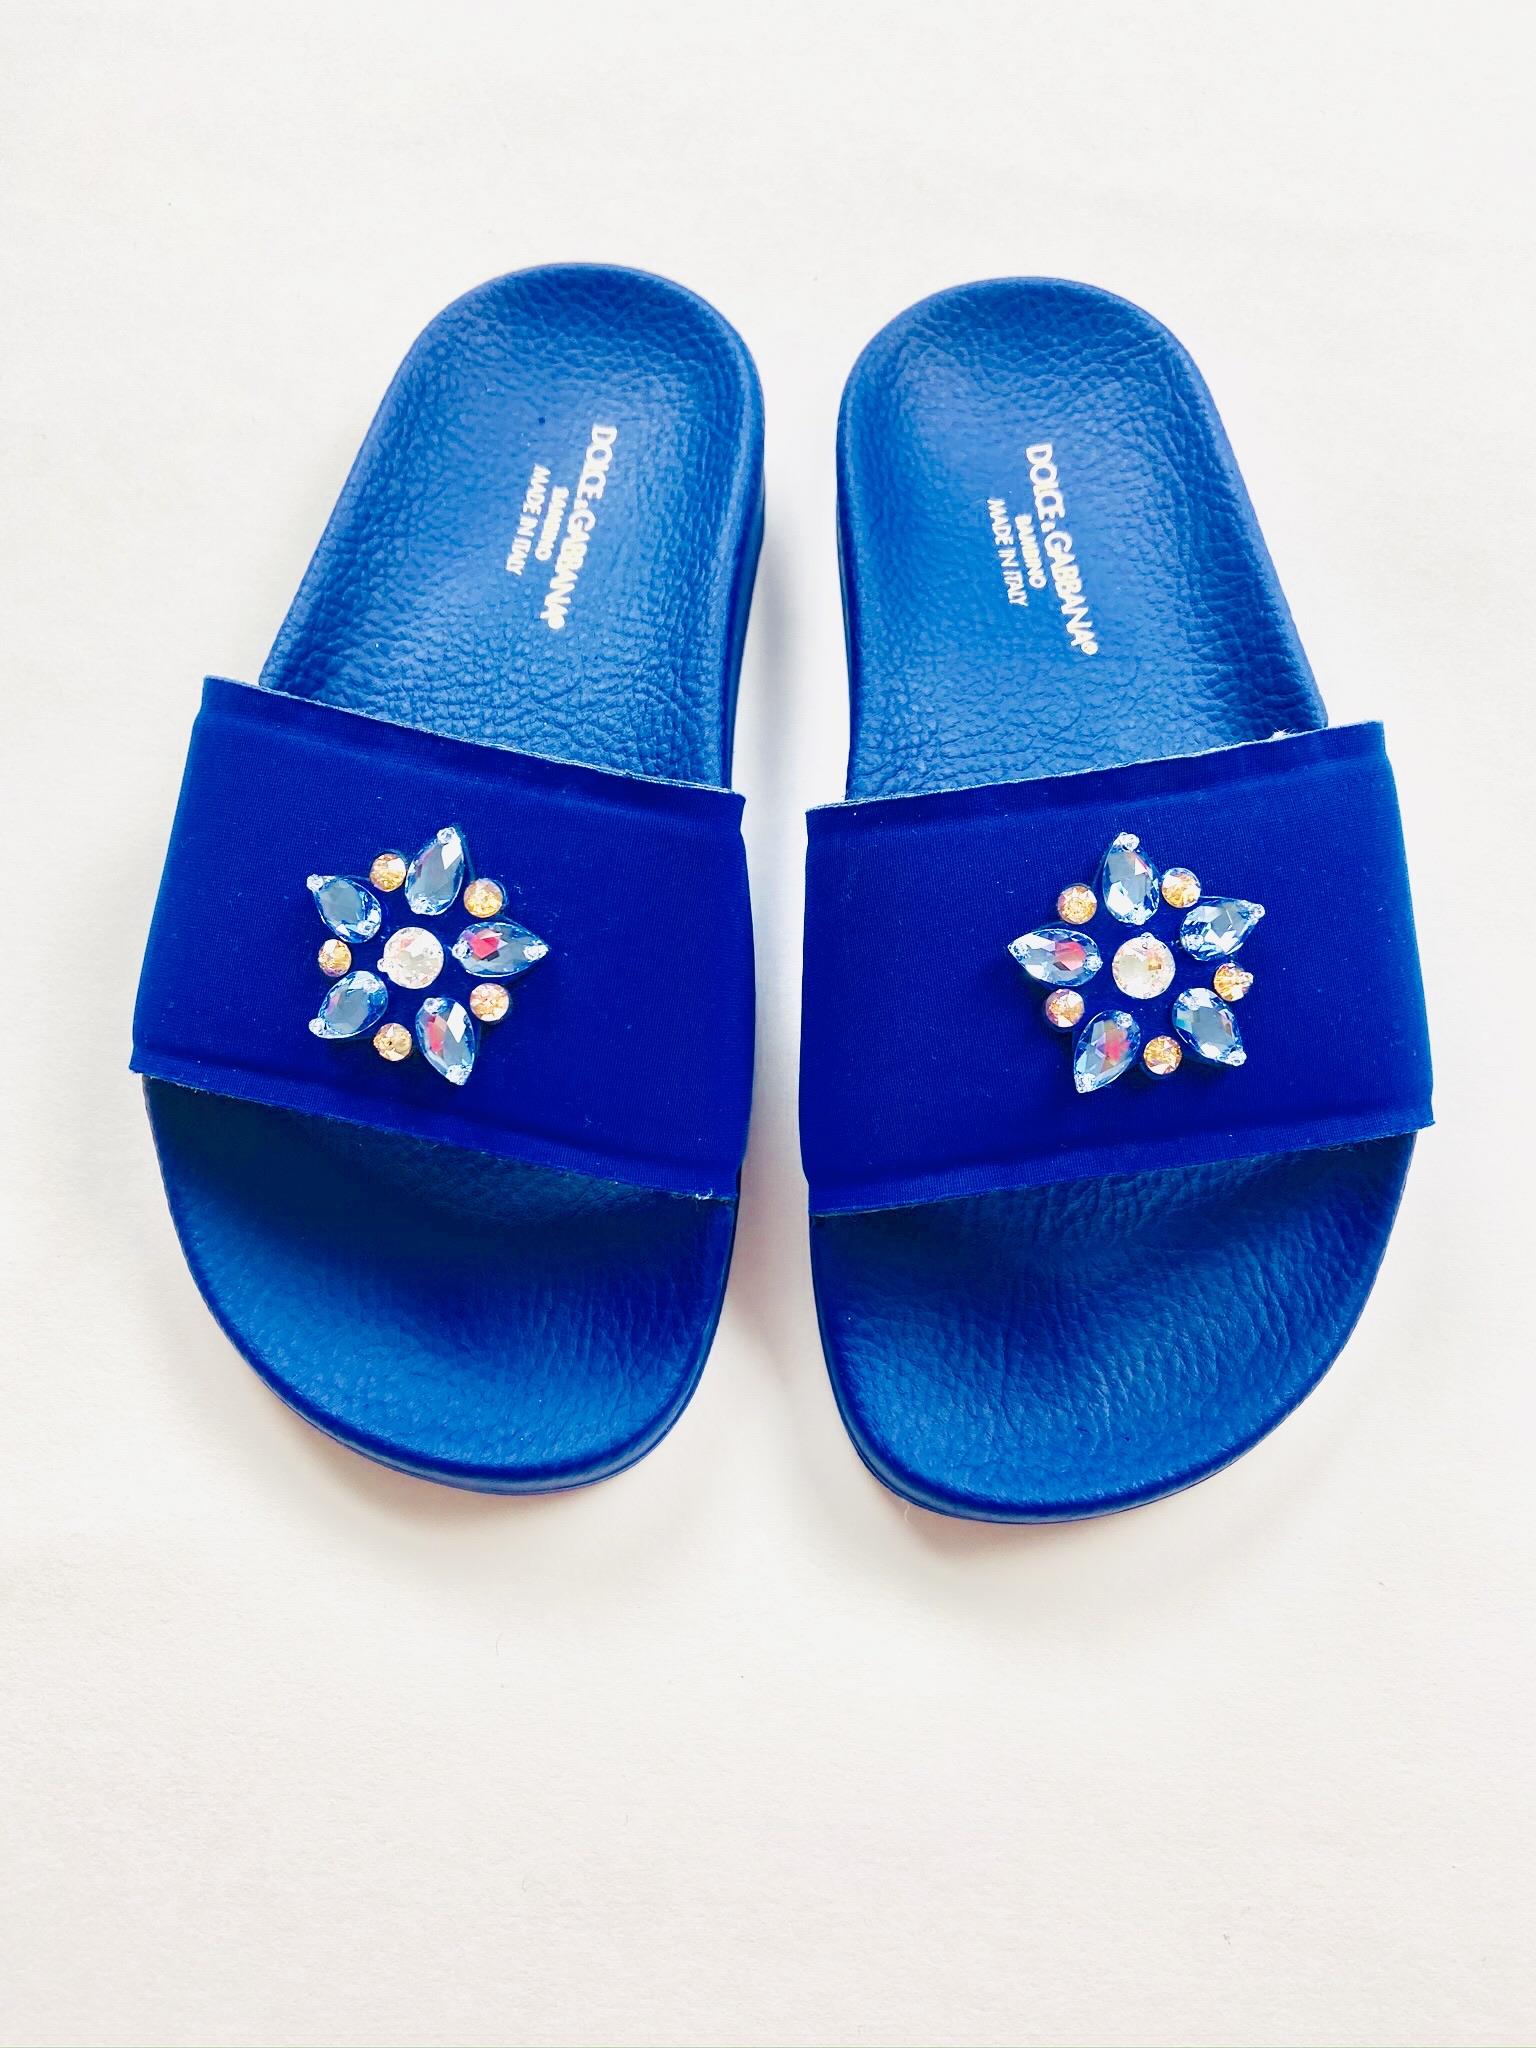 Dolce & Gabbana 13 Shoes